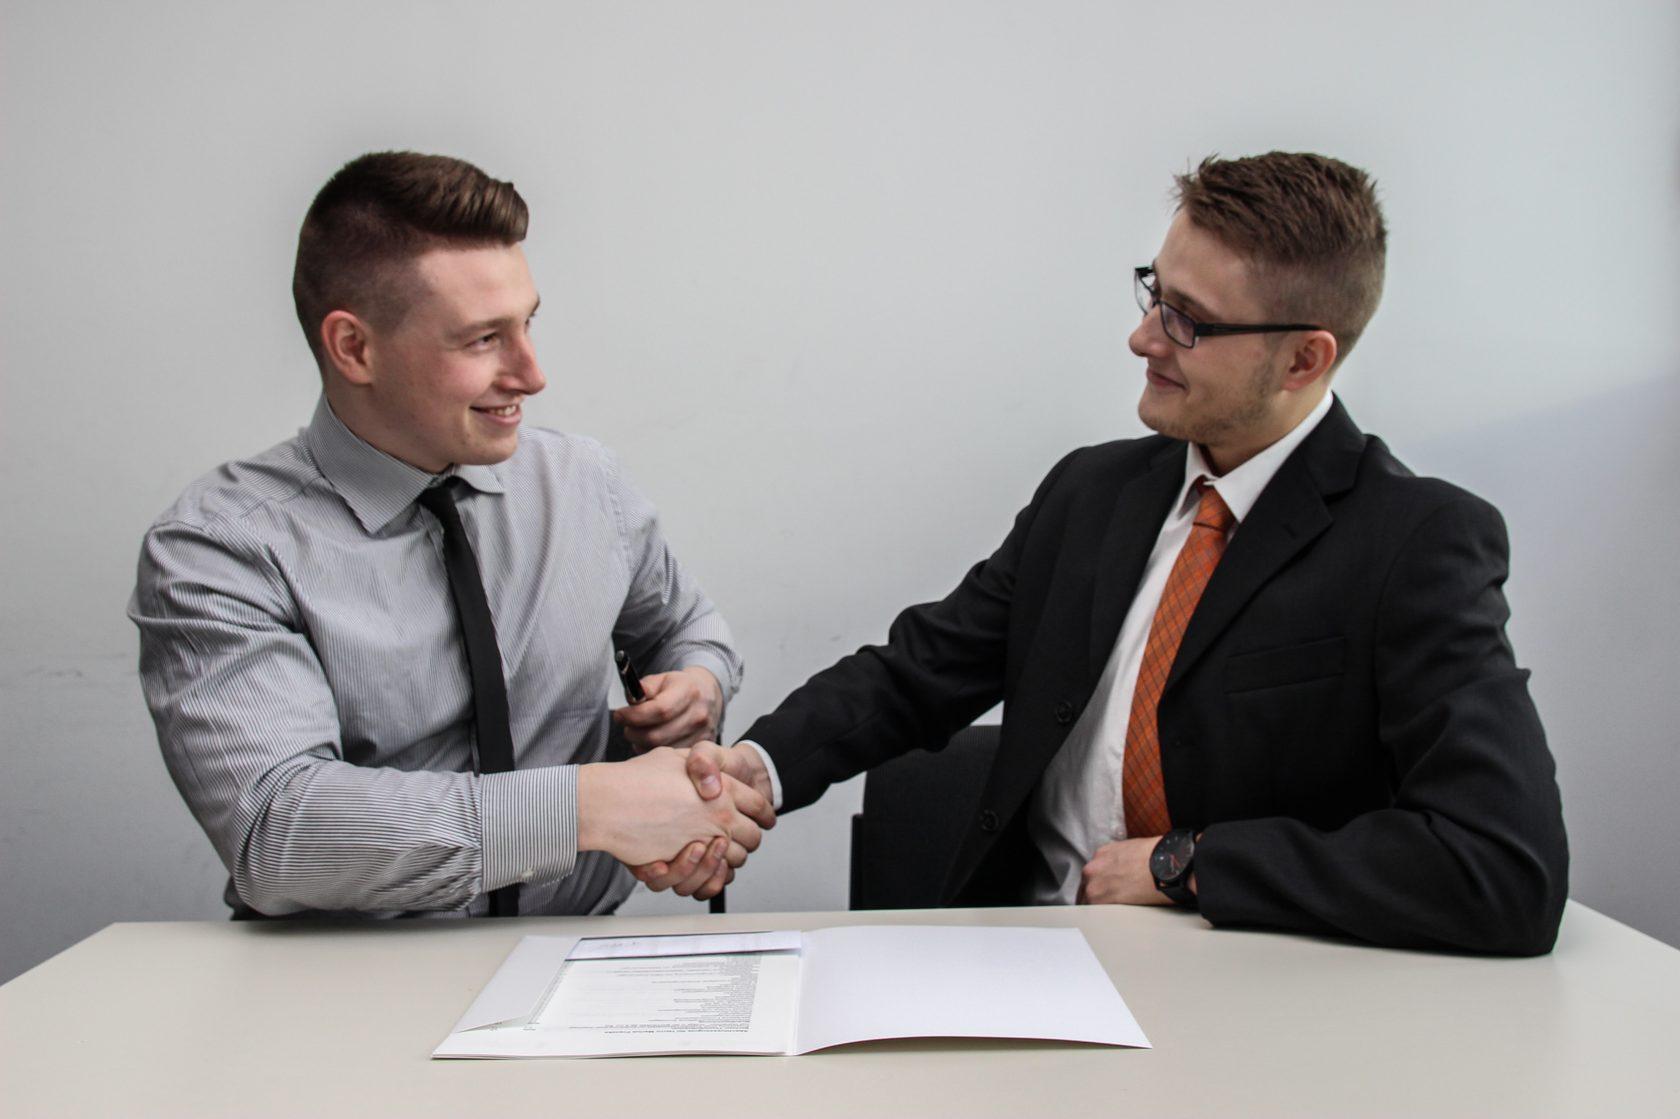 Договір працевлаштування Umowa zlecenie